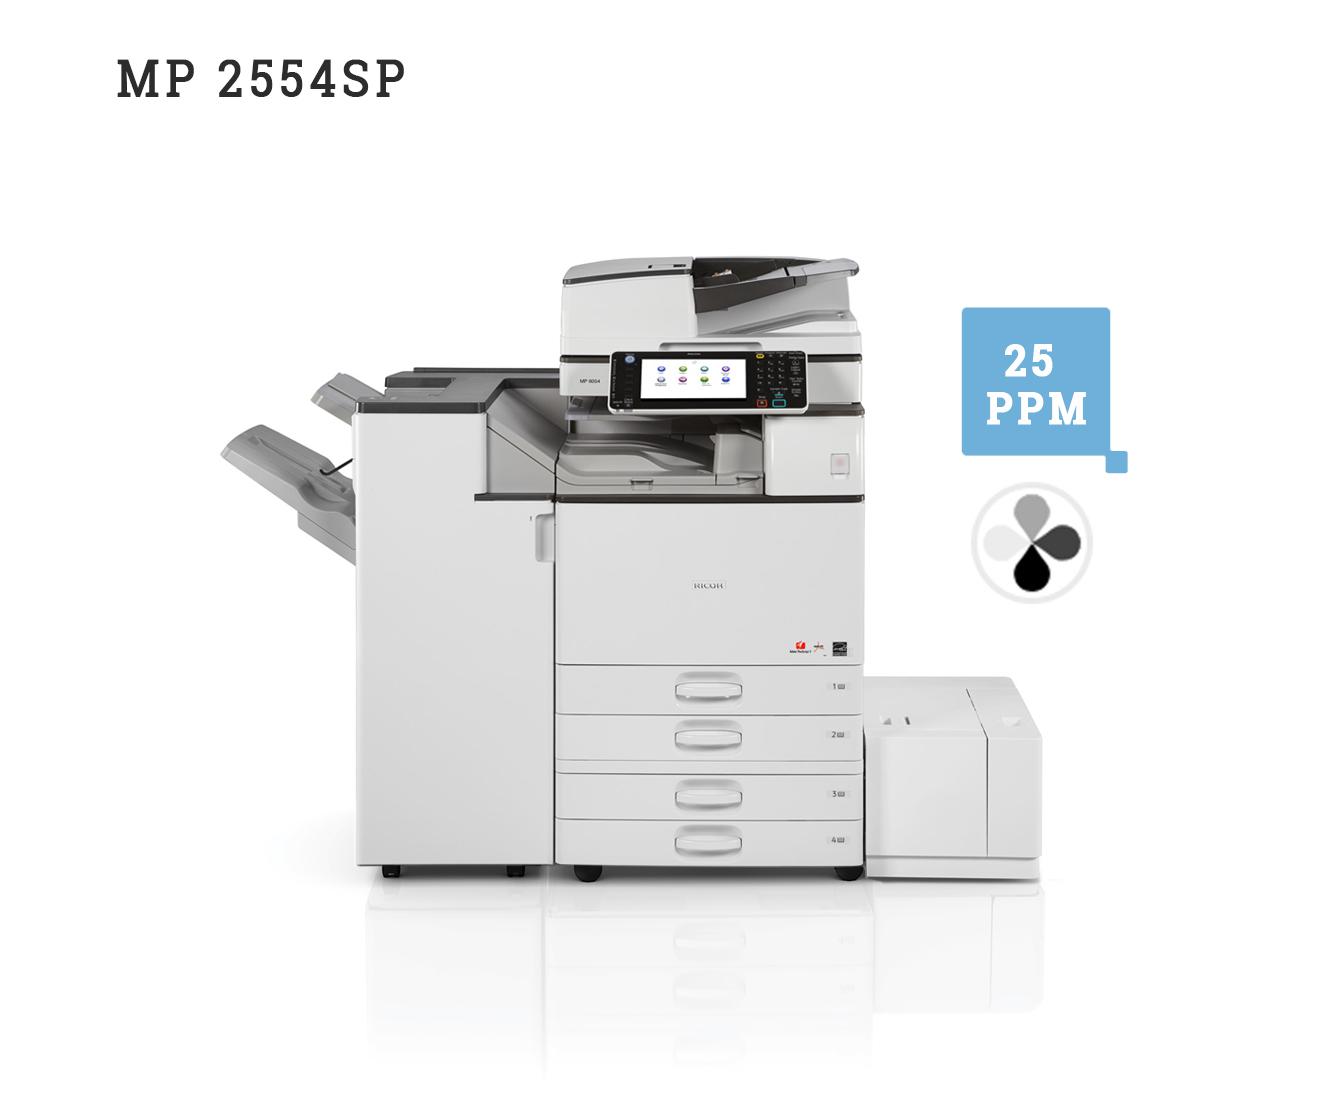 mp2554sp